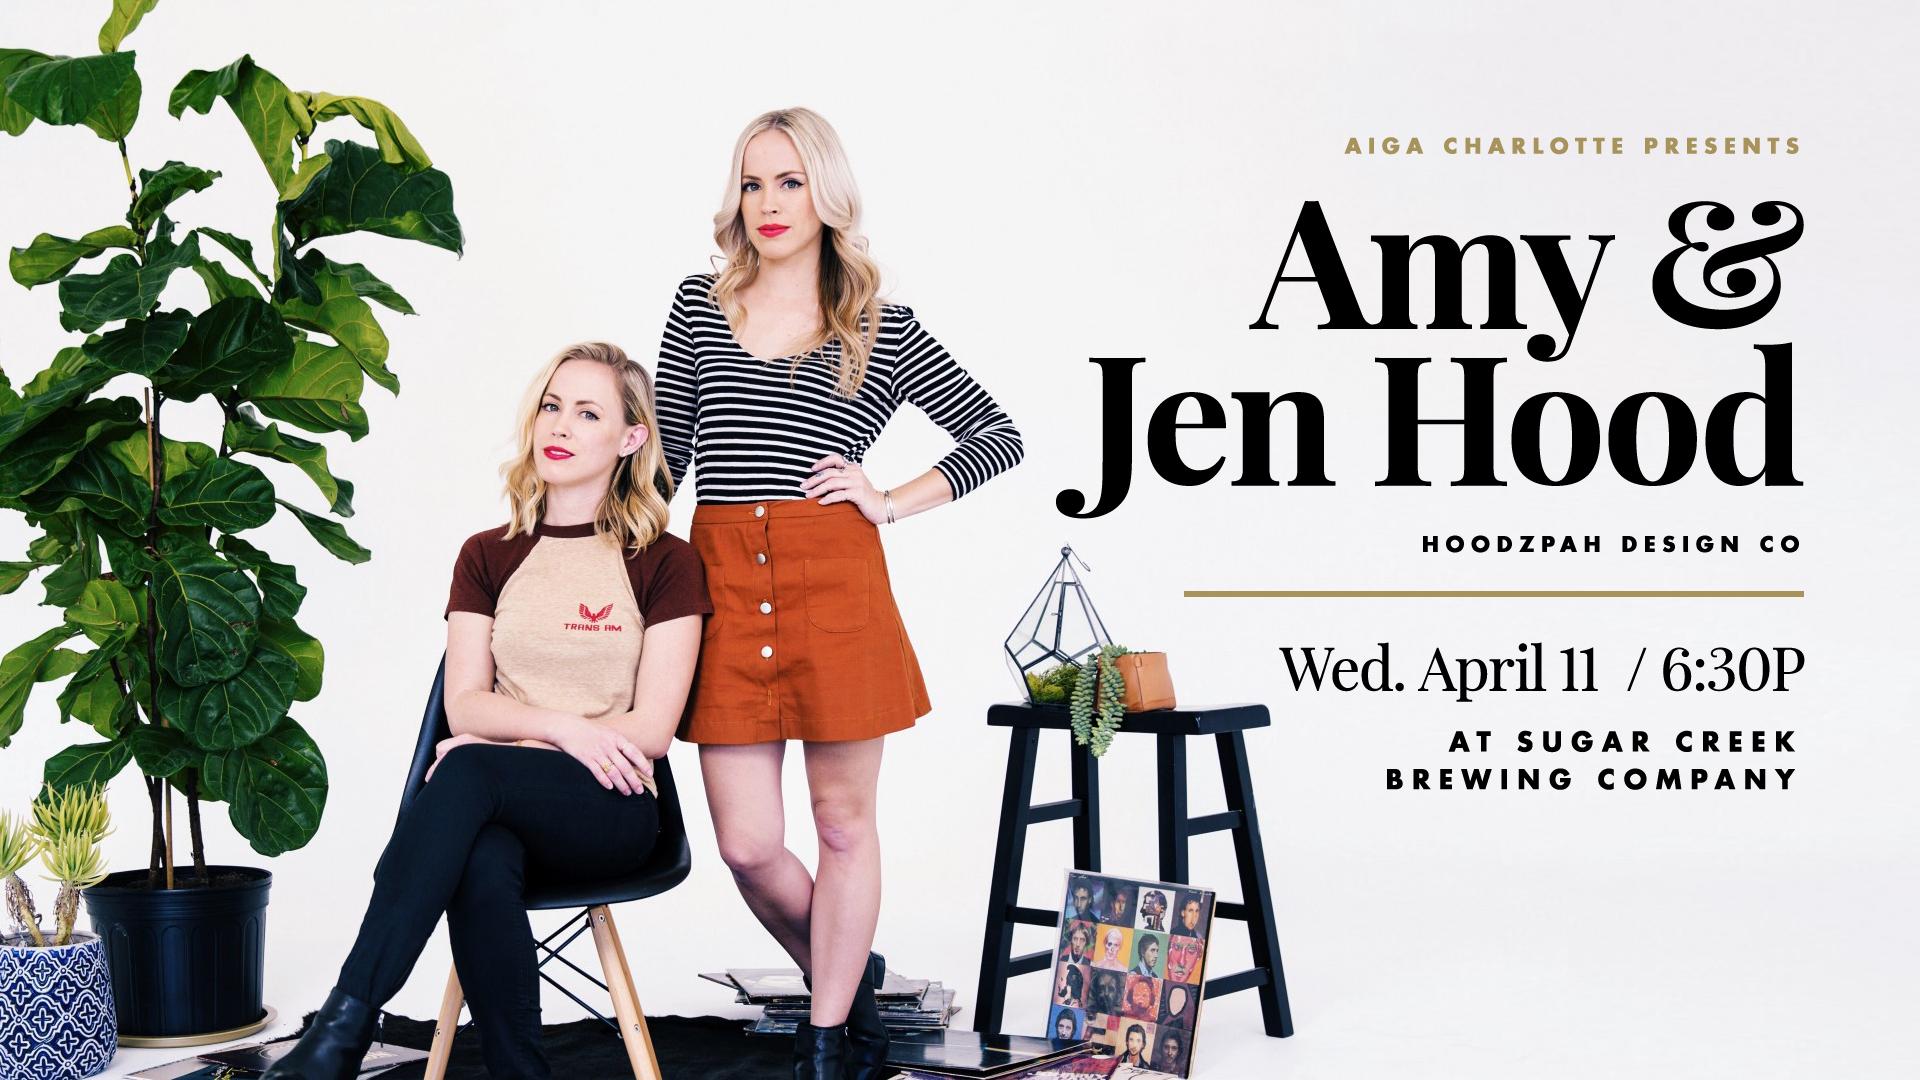 Amy & Jen Hood | AIGA Charlotte